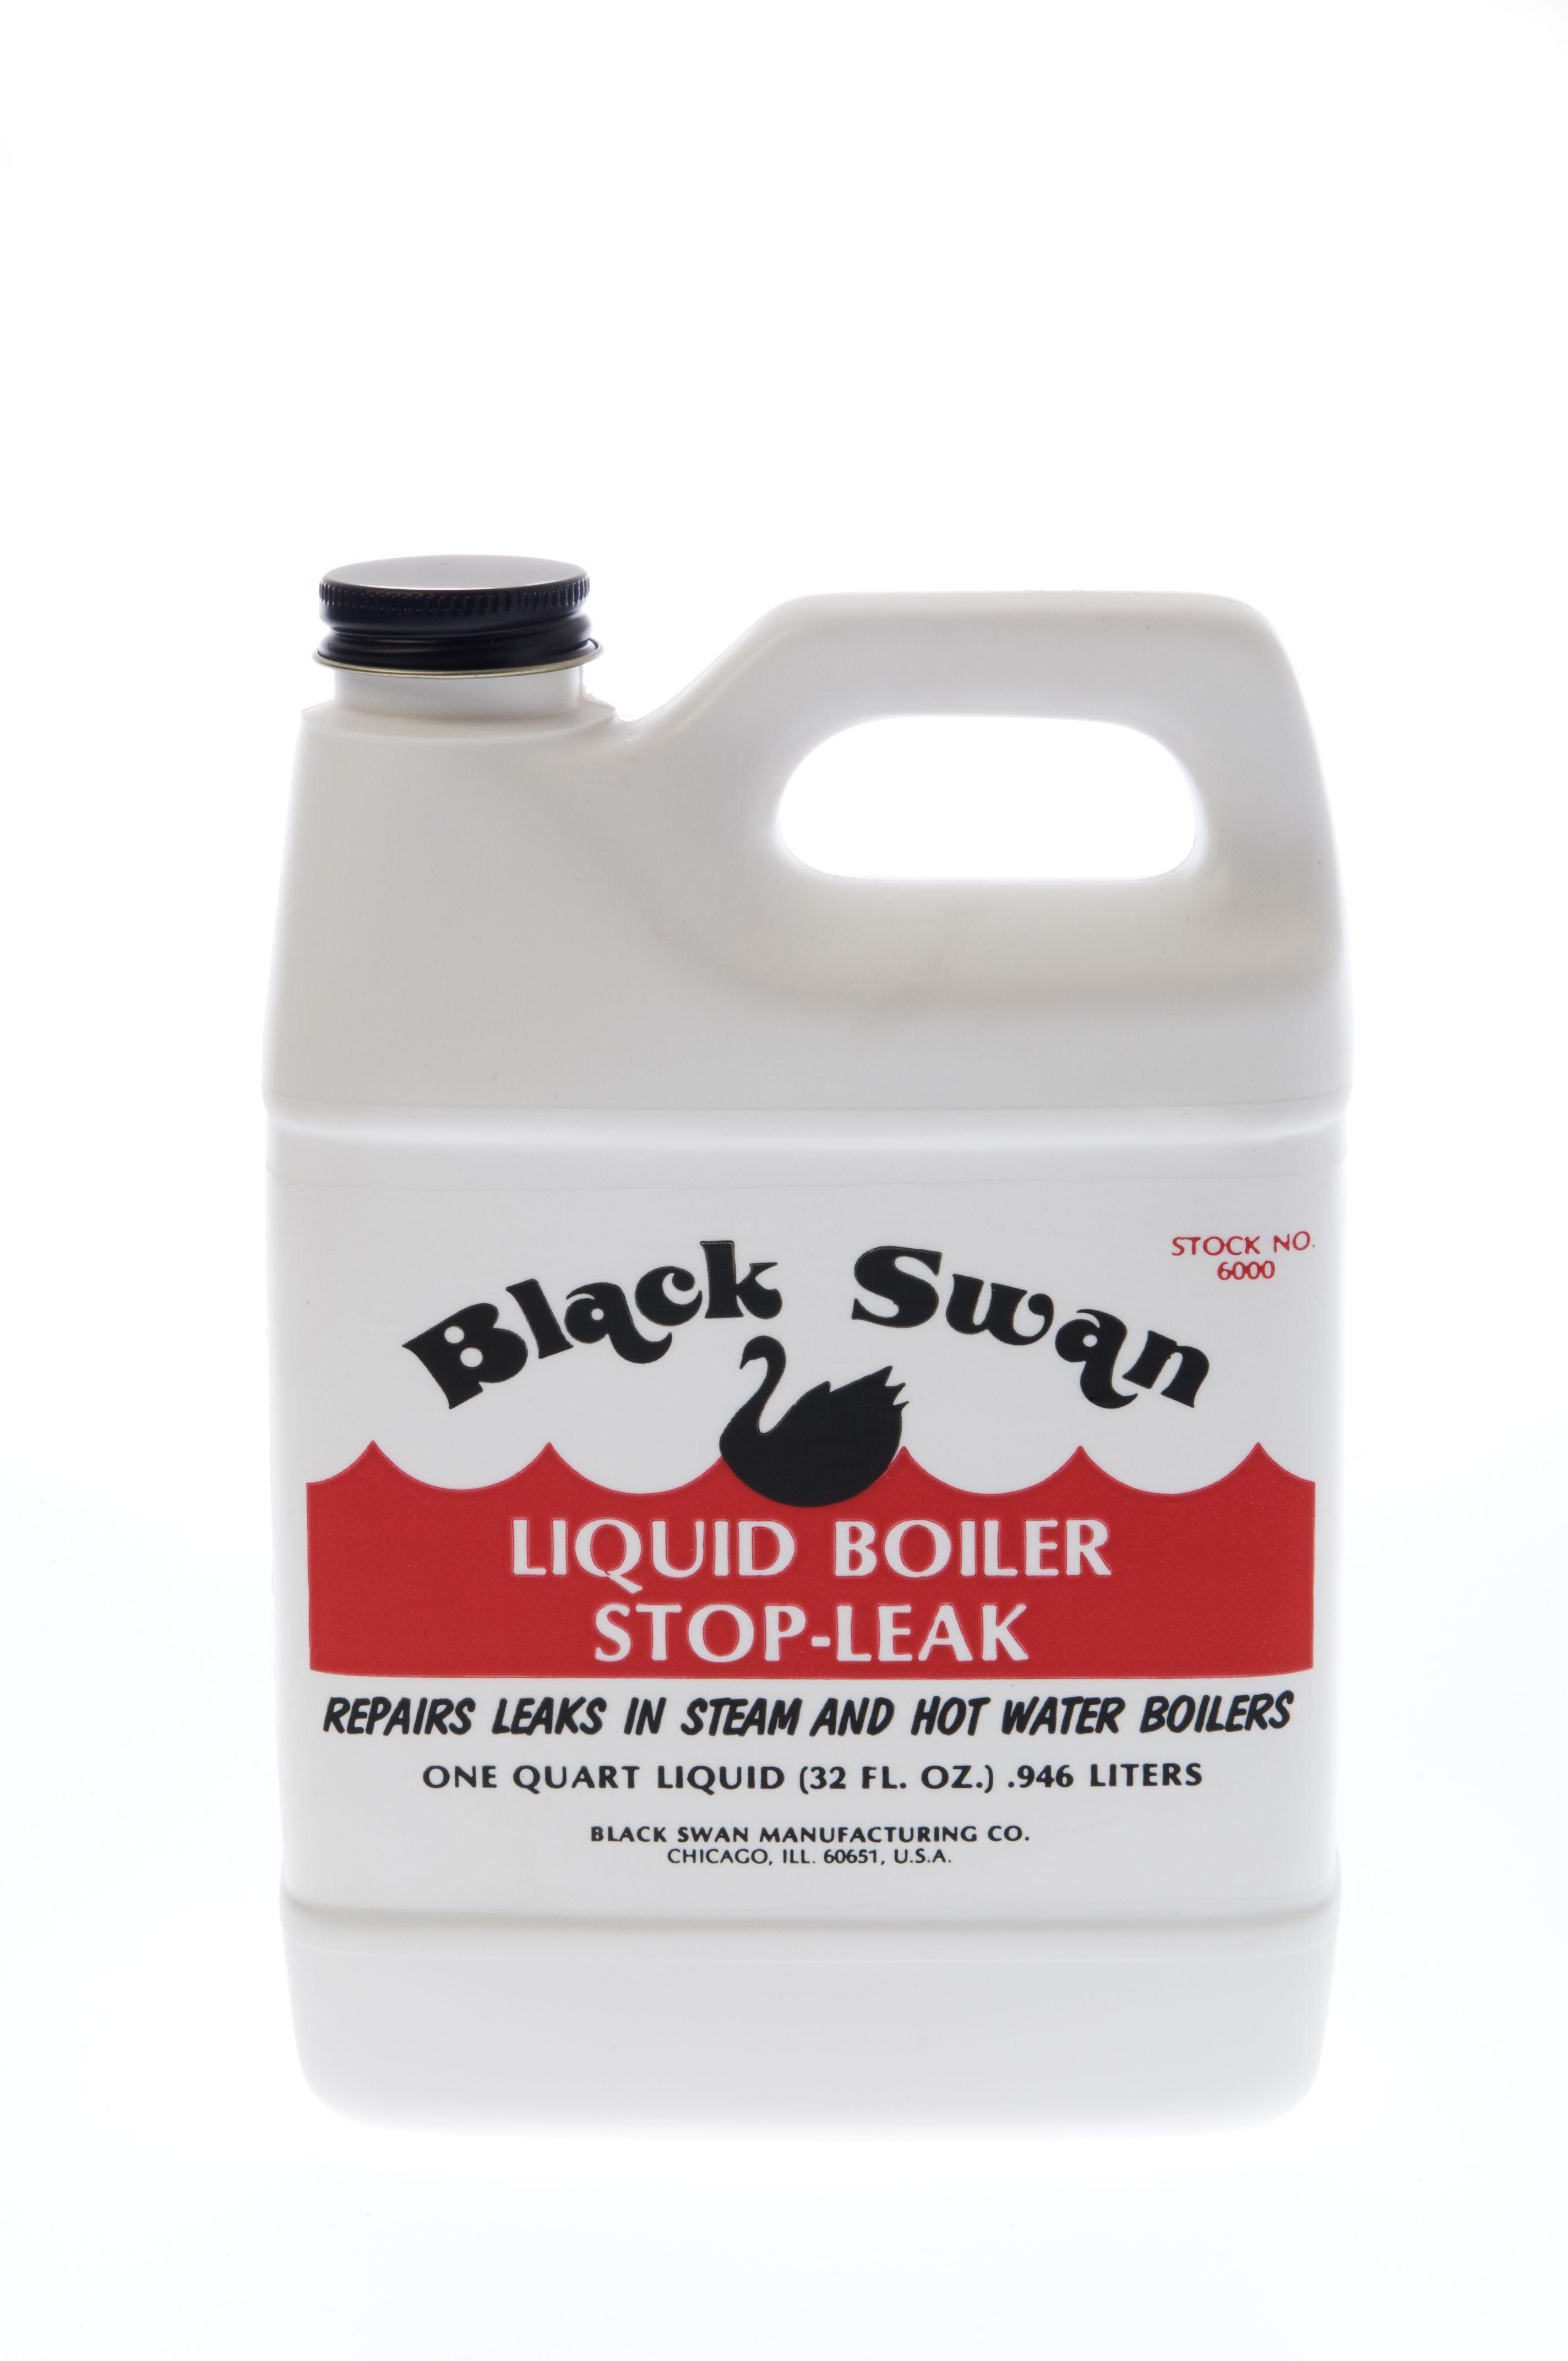 Black Swan Liquid Boiler Stop-Leak is a superior liquid product ...